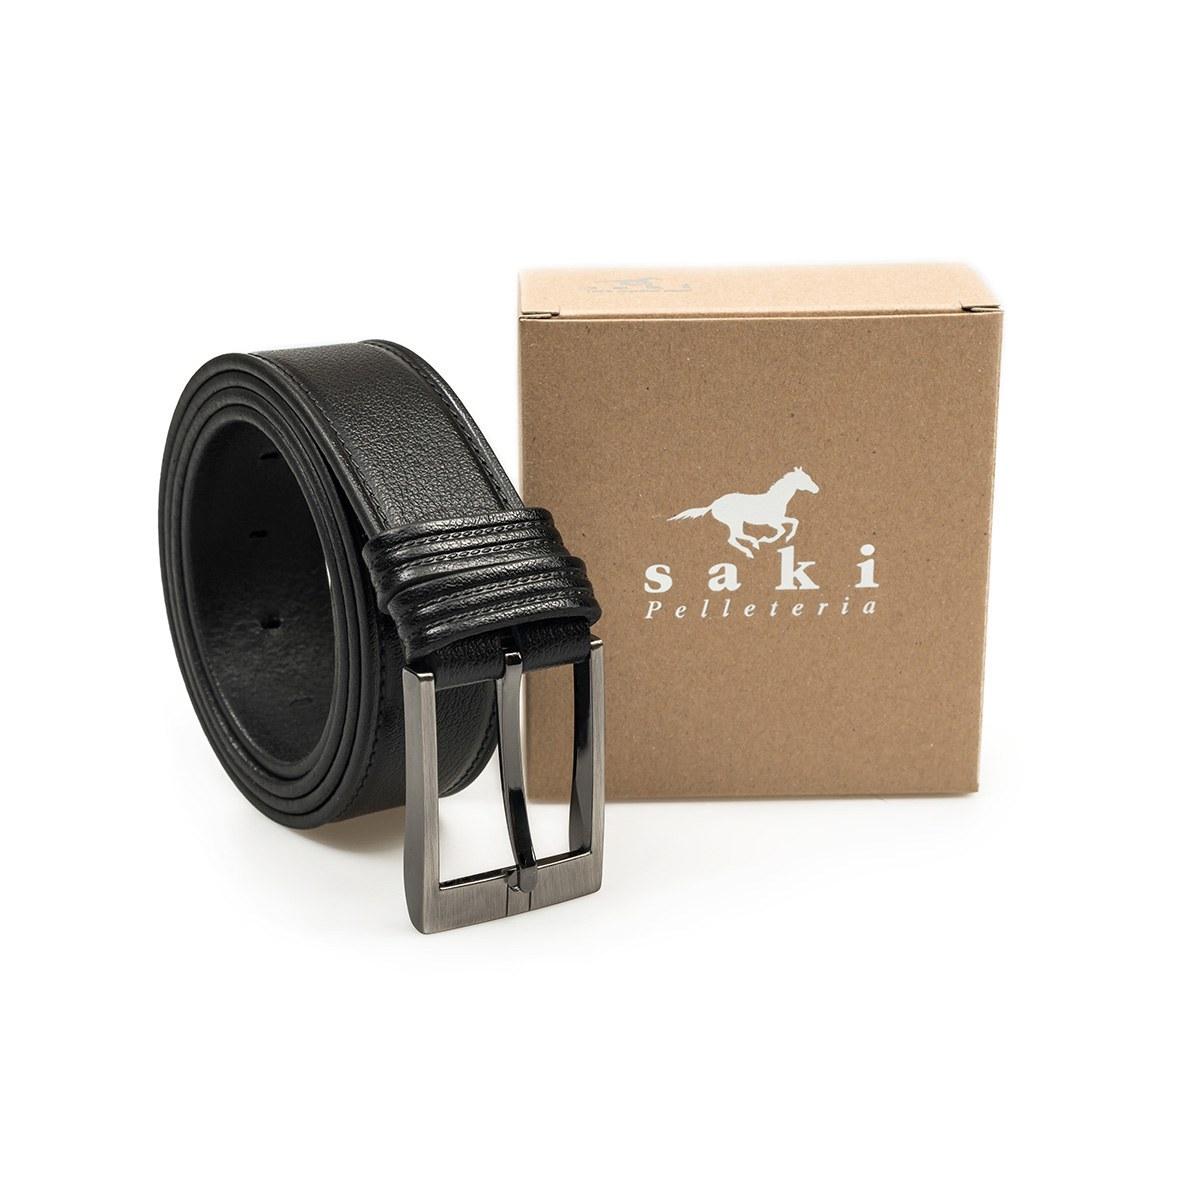 47f1a27a1e80 Ζώνη Δερμάτινη Χειροποίητη Saki 4209 Μαύρη